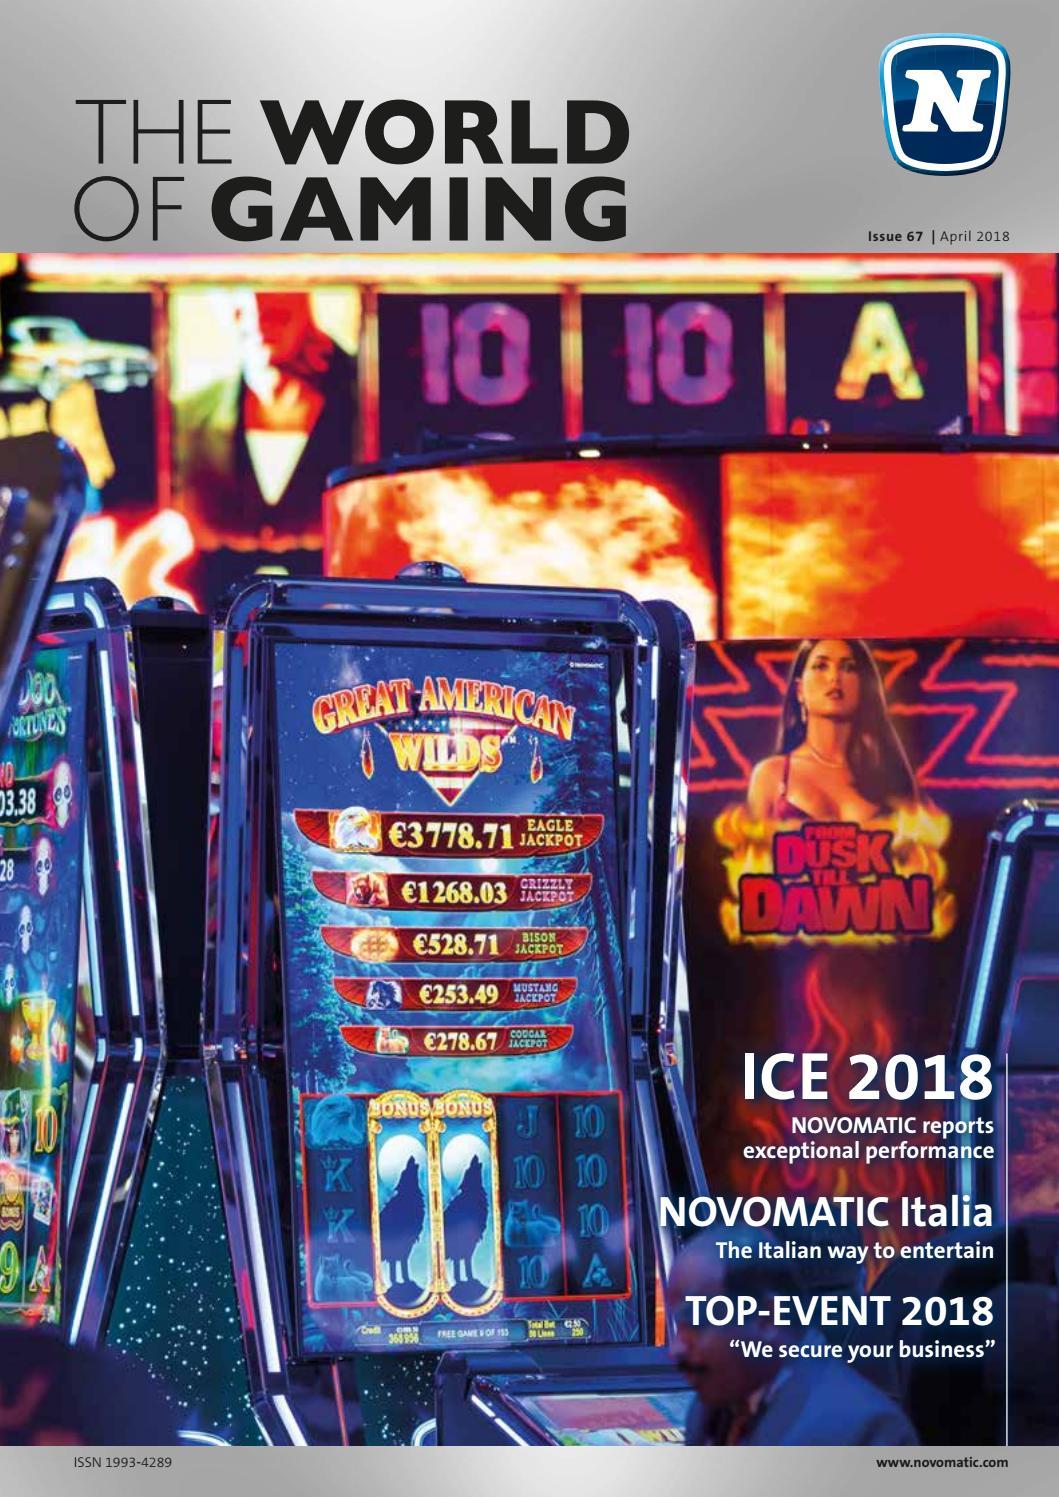 Casino Austria - 914033